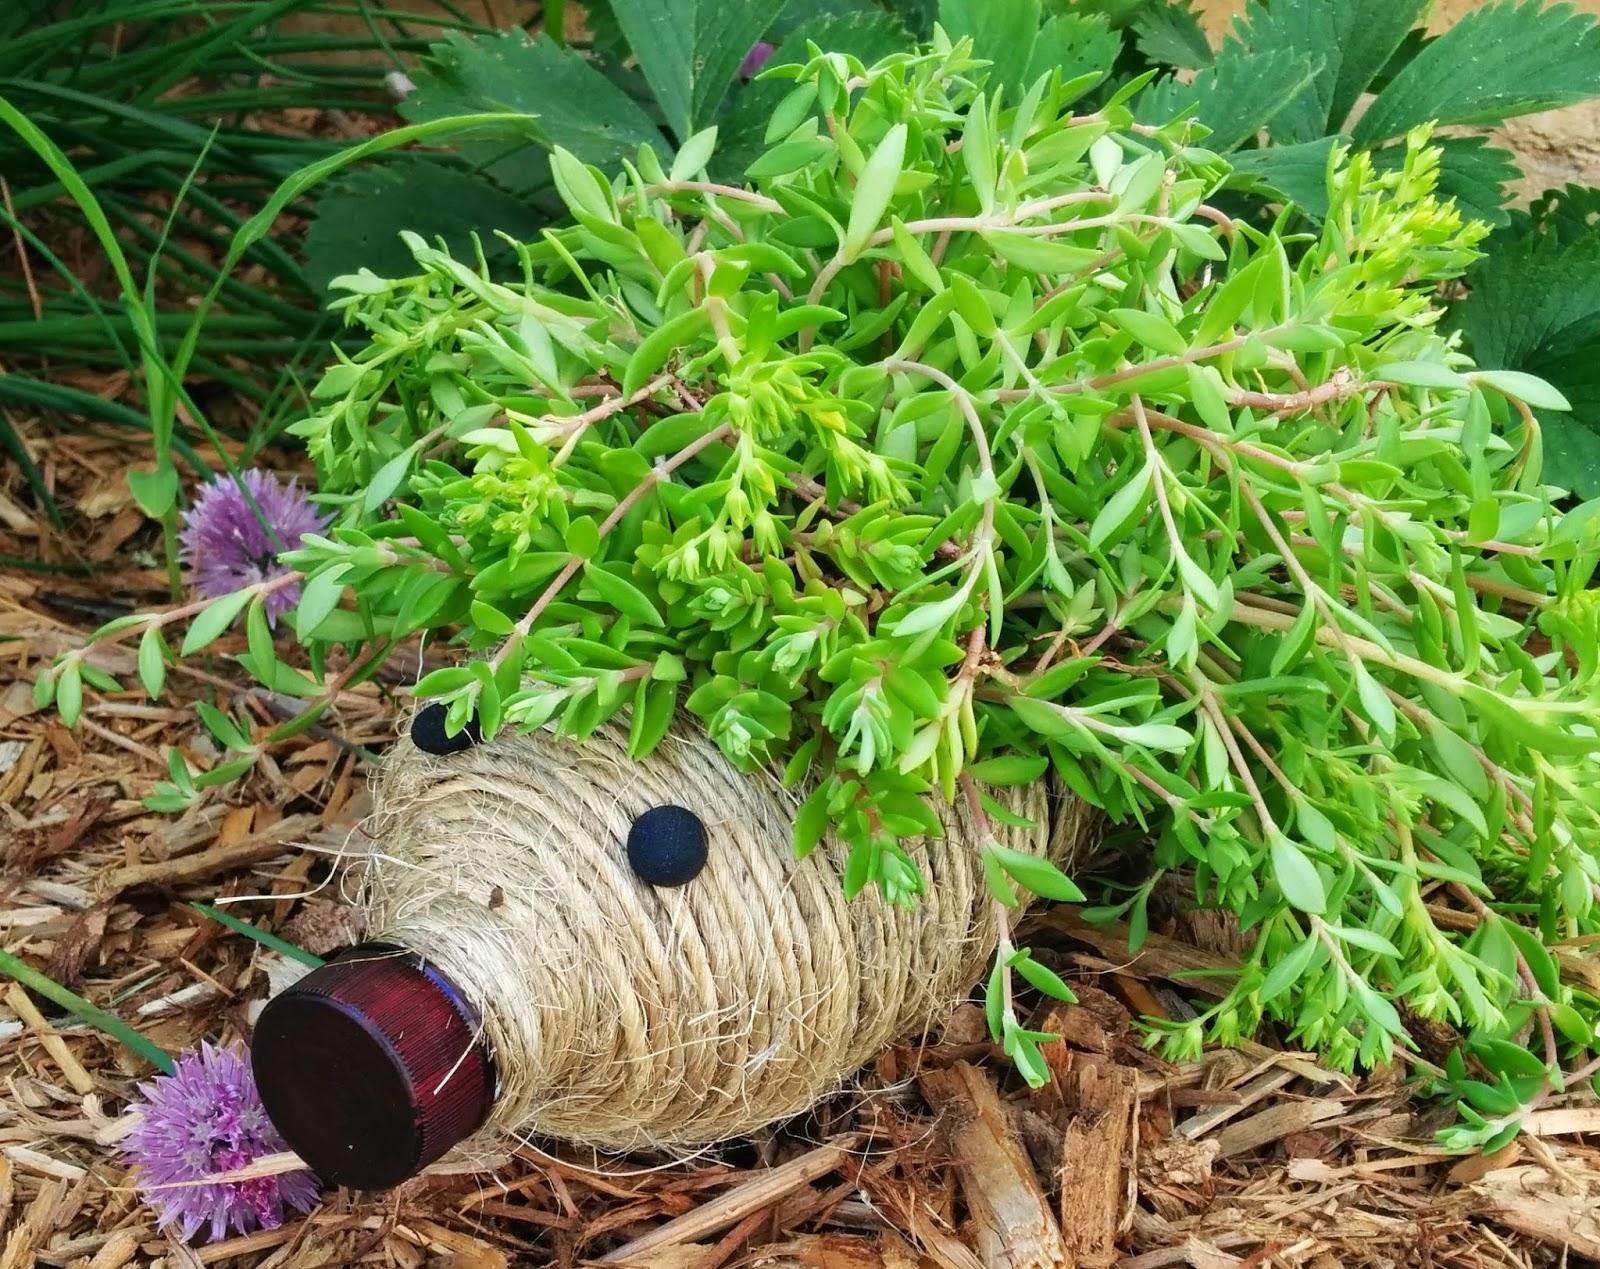 diy hedgehog planter for your garden